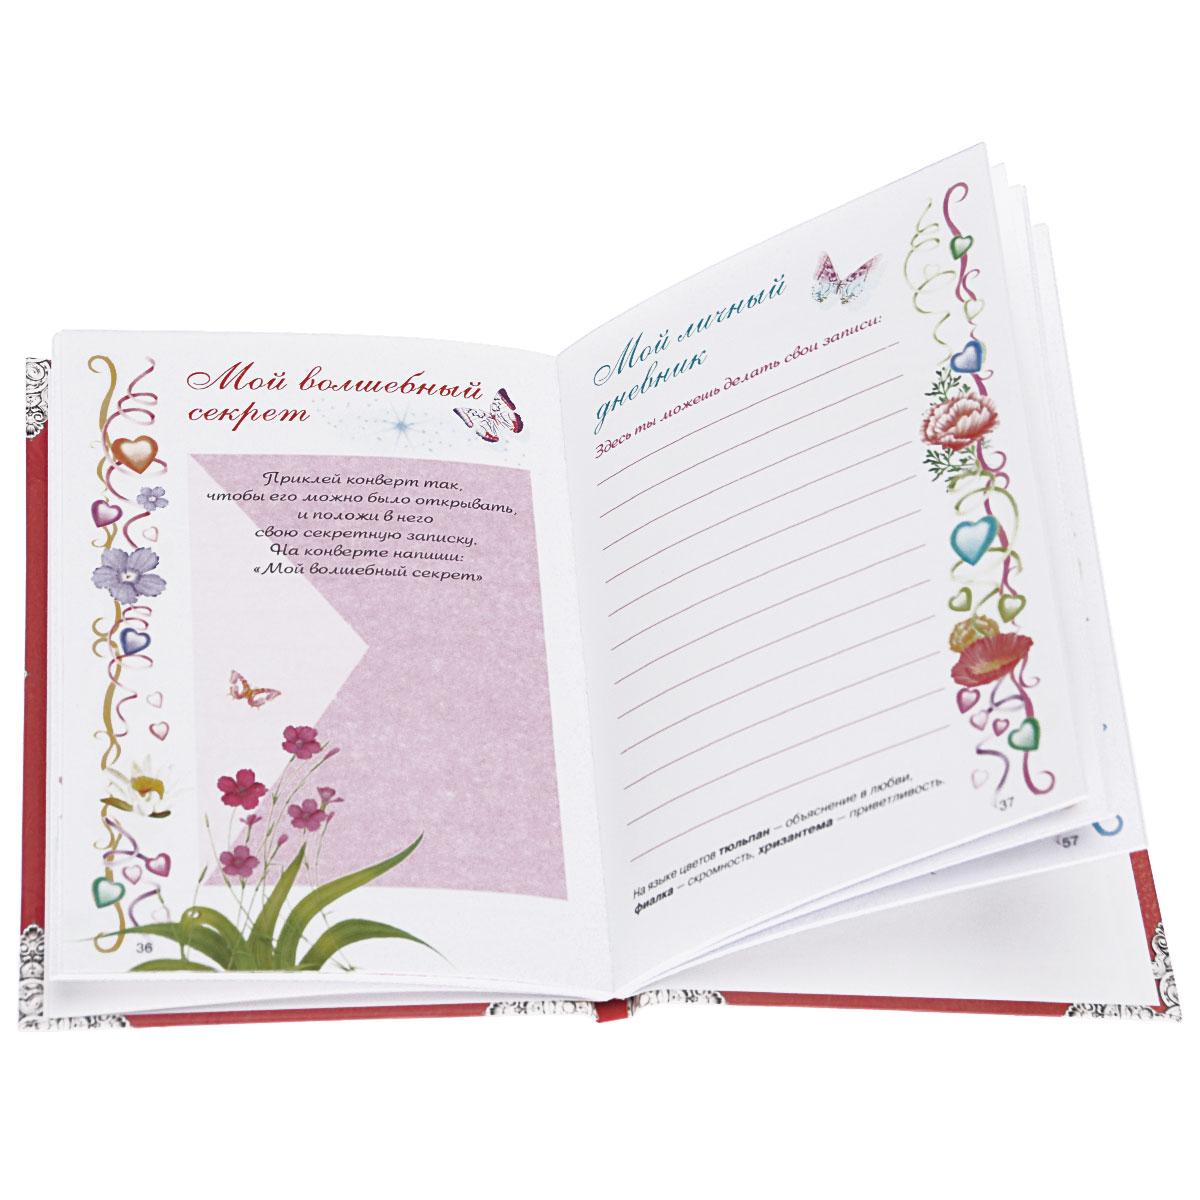 Мой личный дневник (+ наклейки)